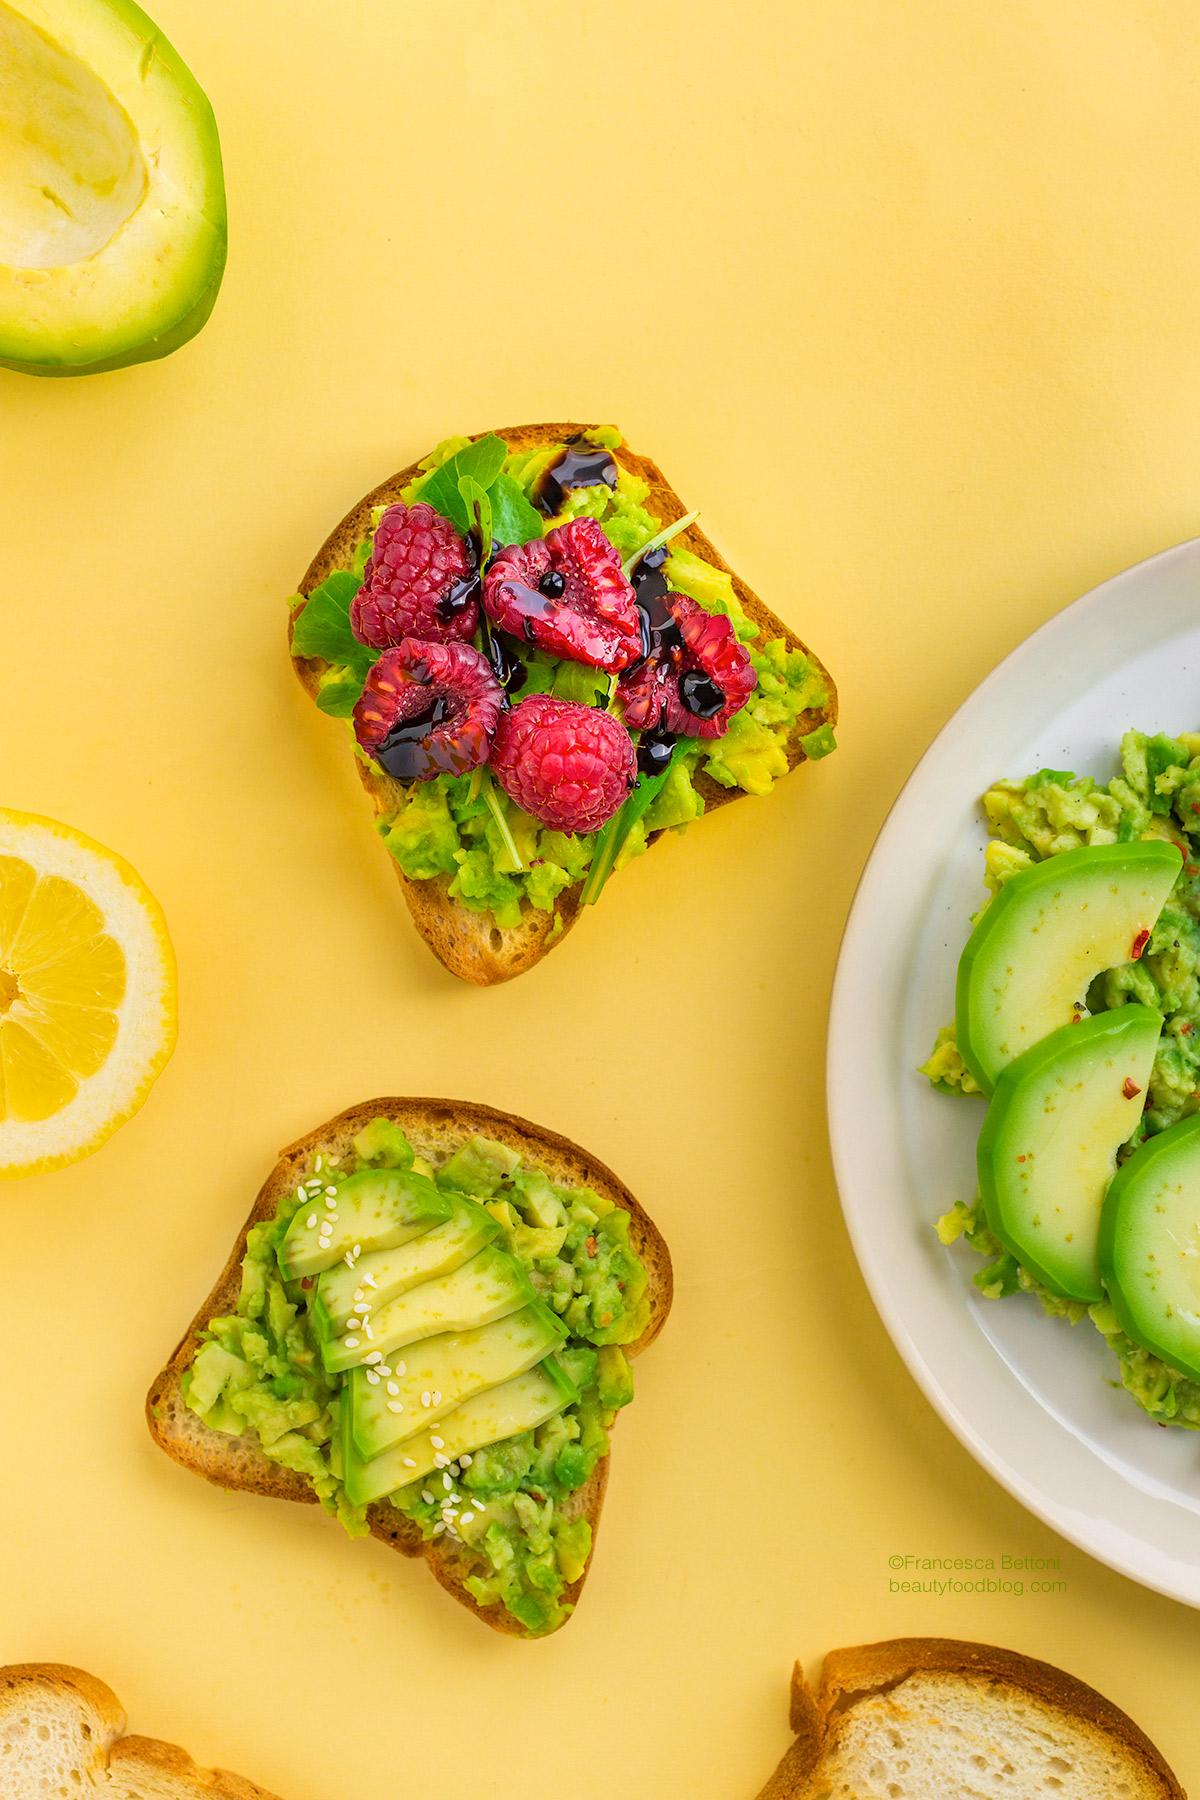 easy glutenfree vegan avocado toast recipe with raspberry and arugola -ricetta avocado toast vegan senza glutine con lamponi facile e veloce con tre varinti